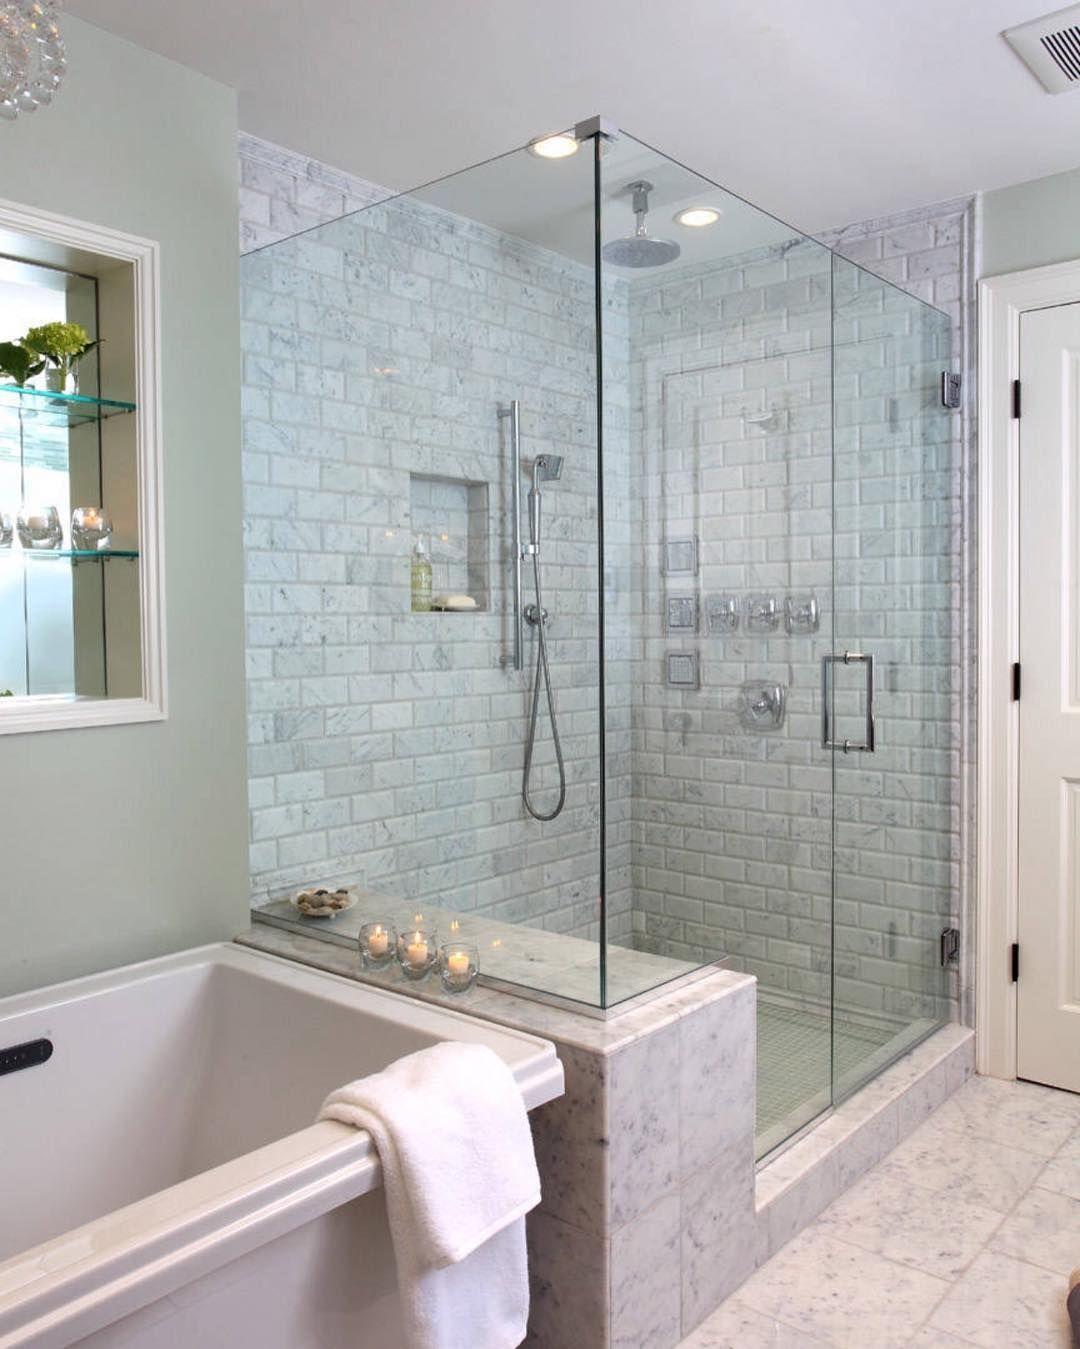 shower goals by justine sterling design t i l e badezimmer rh pinterest de